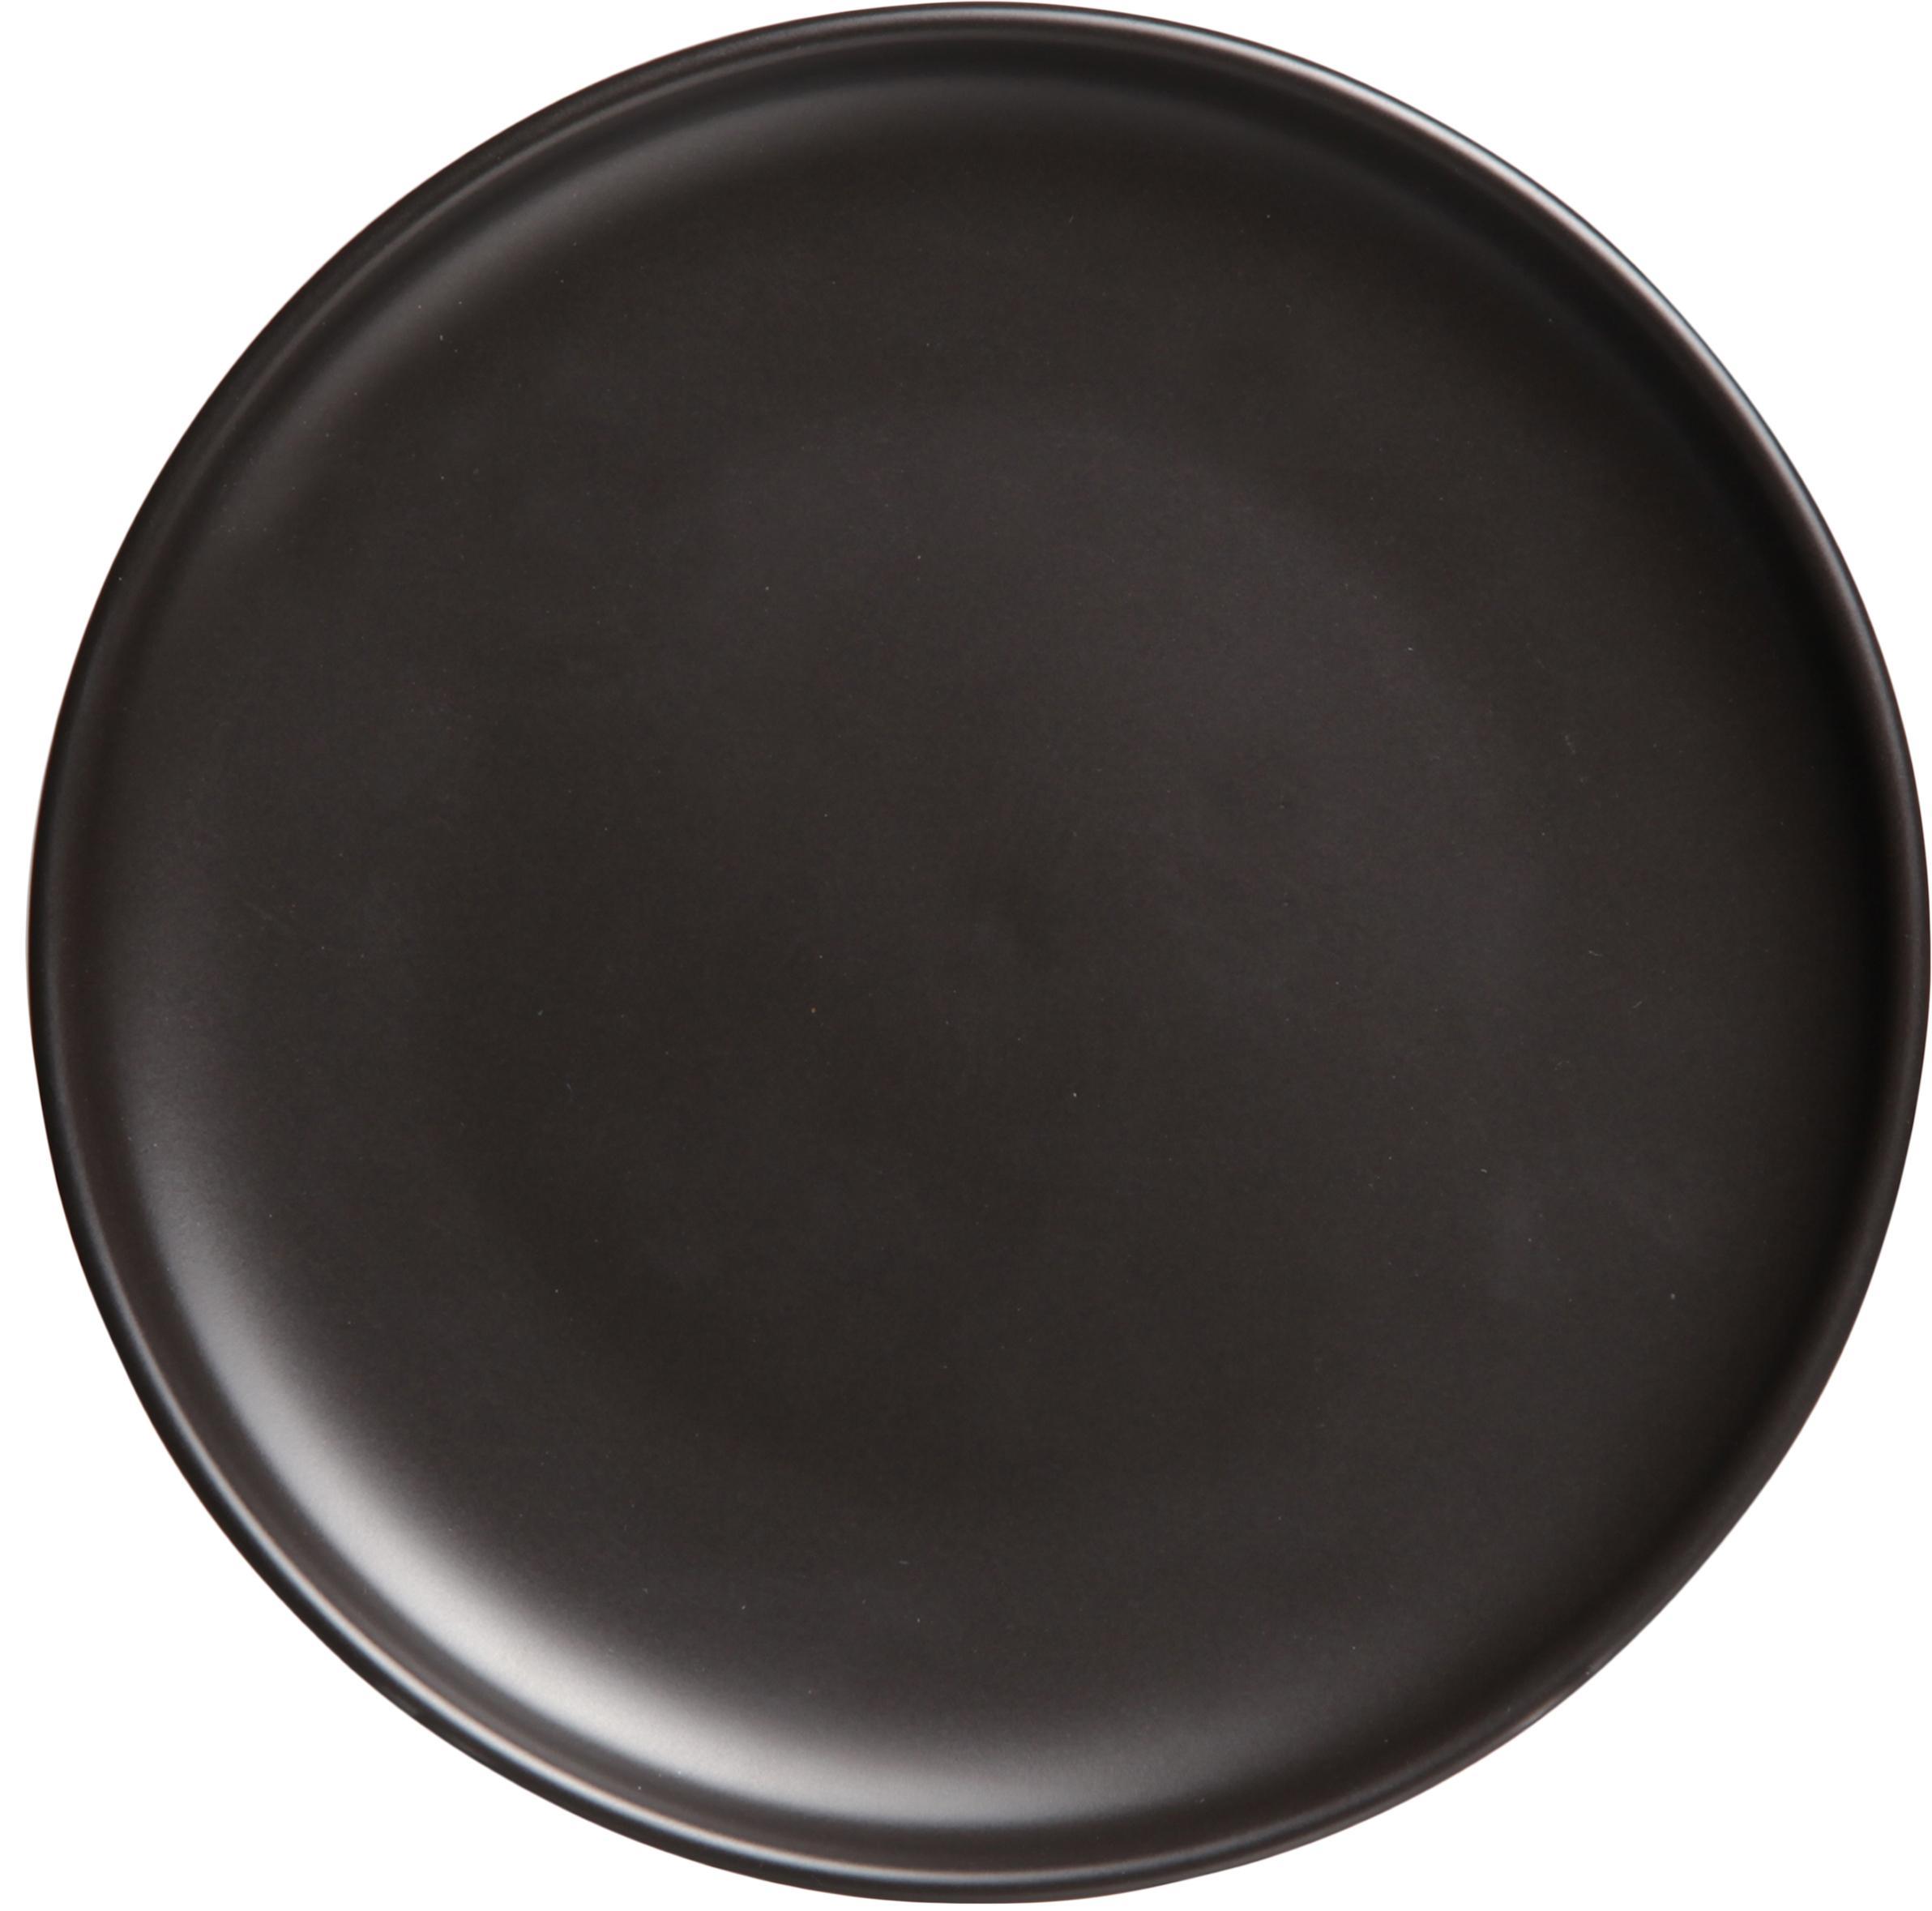 Piatto piano nero opaco Okinawa 4 pz, Ceramica, Nero opaco, Ø 27 cm